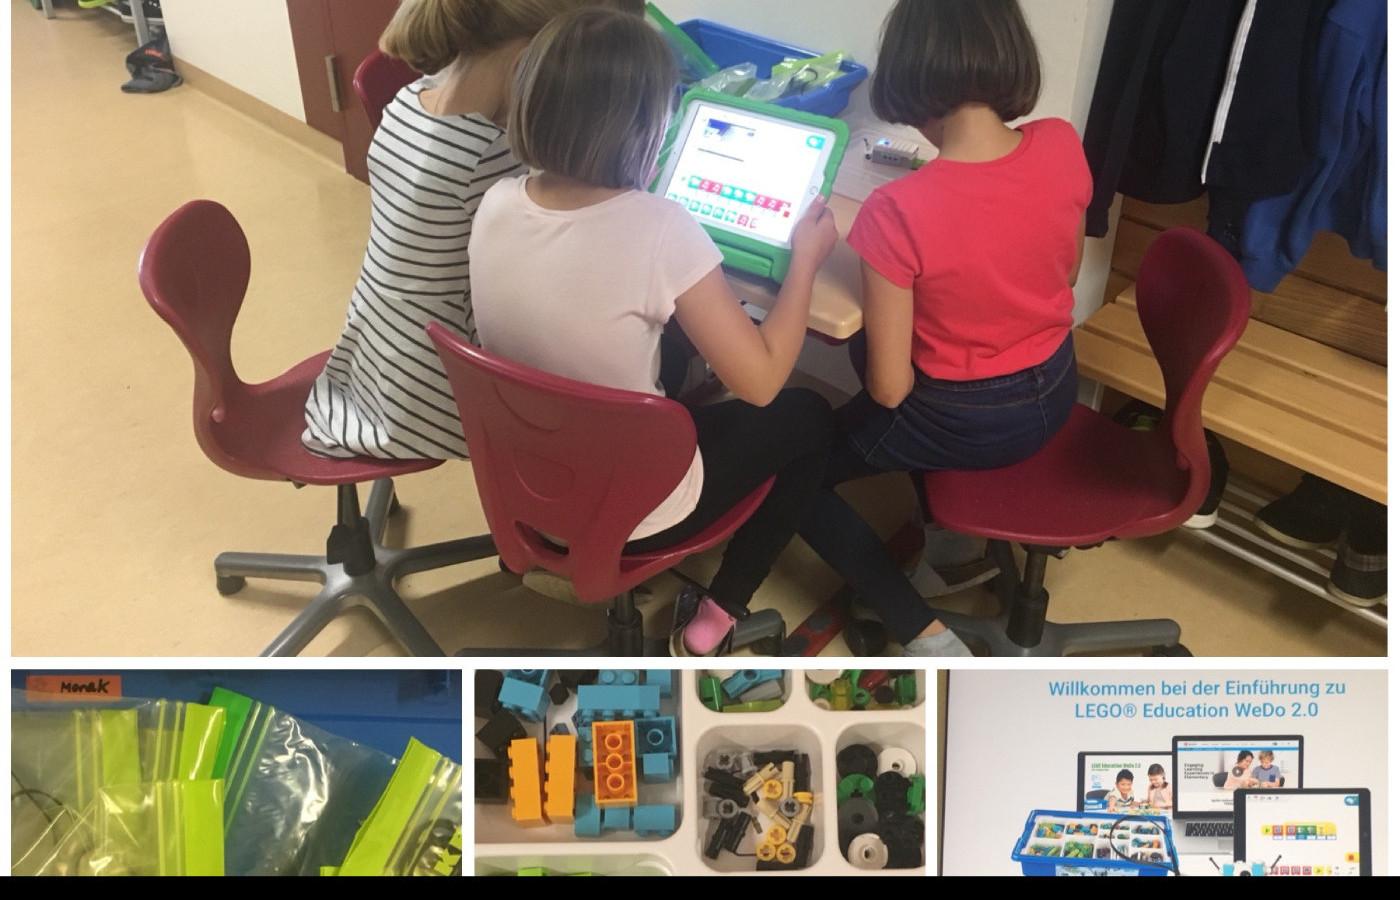 bildung360 Lego WeDo 2.0 im Unterricht der Volksschule